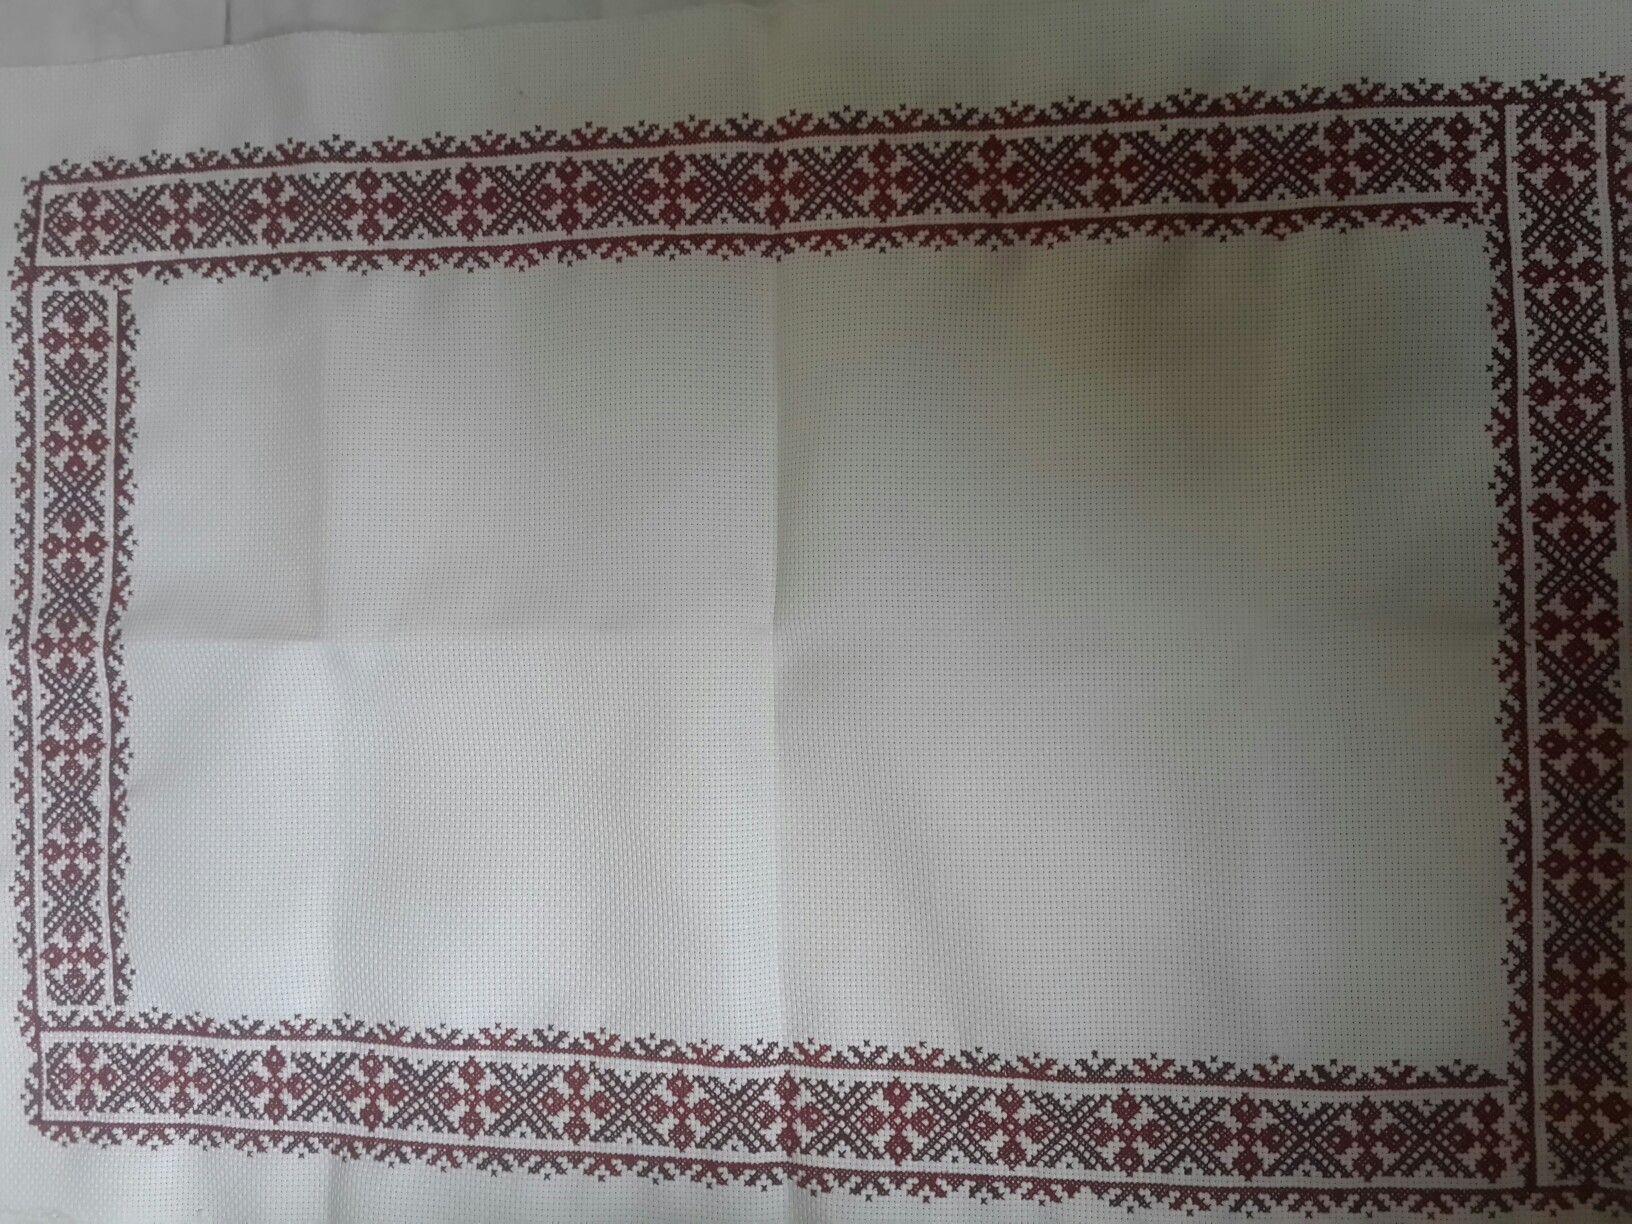 إطار مرايا بالتطريز اليدوي لصفحة صالوني Mycrossstitchstore Home Decor Decor Roman Shade Curtain